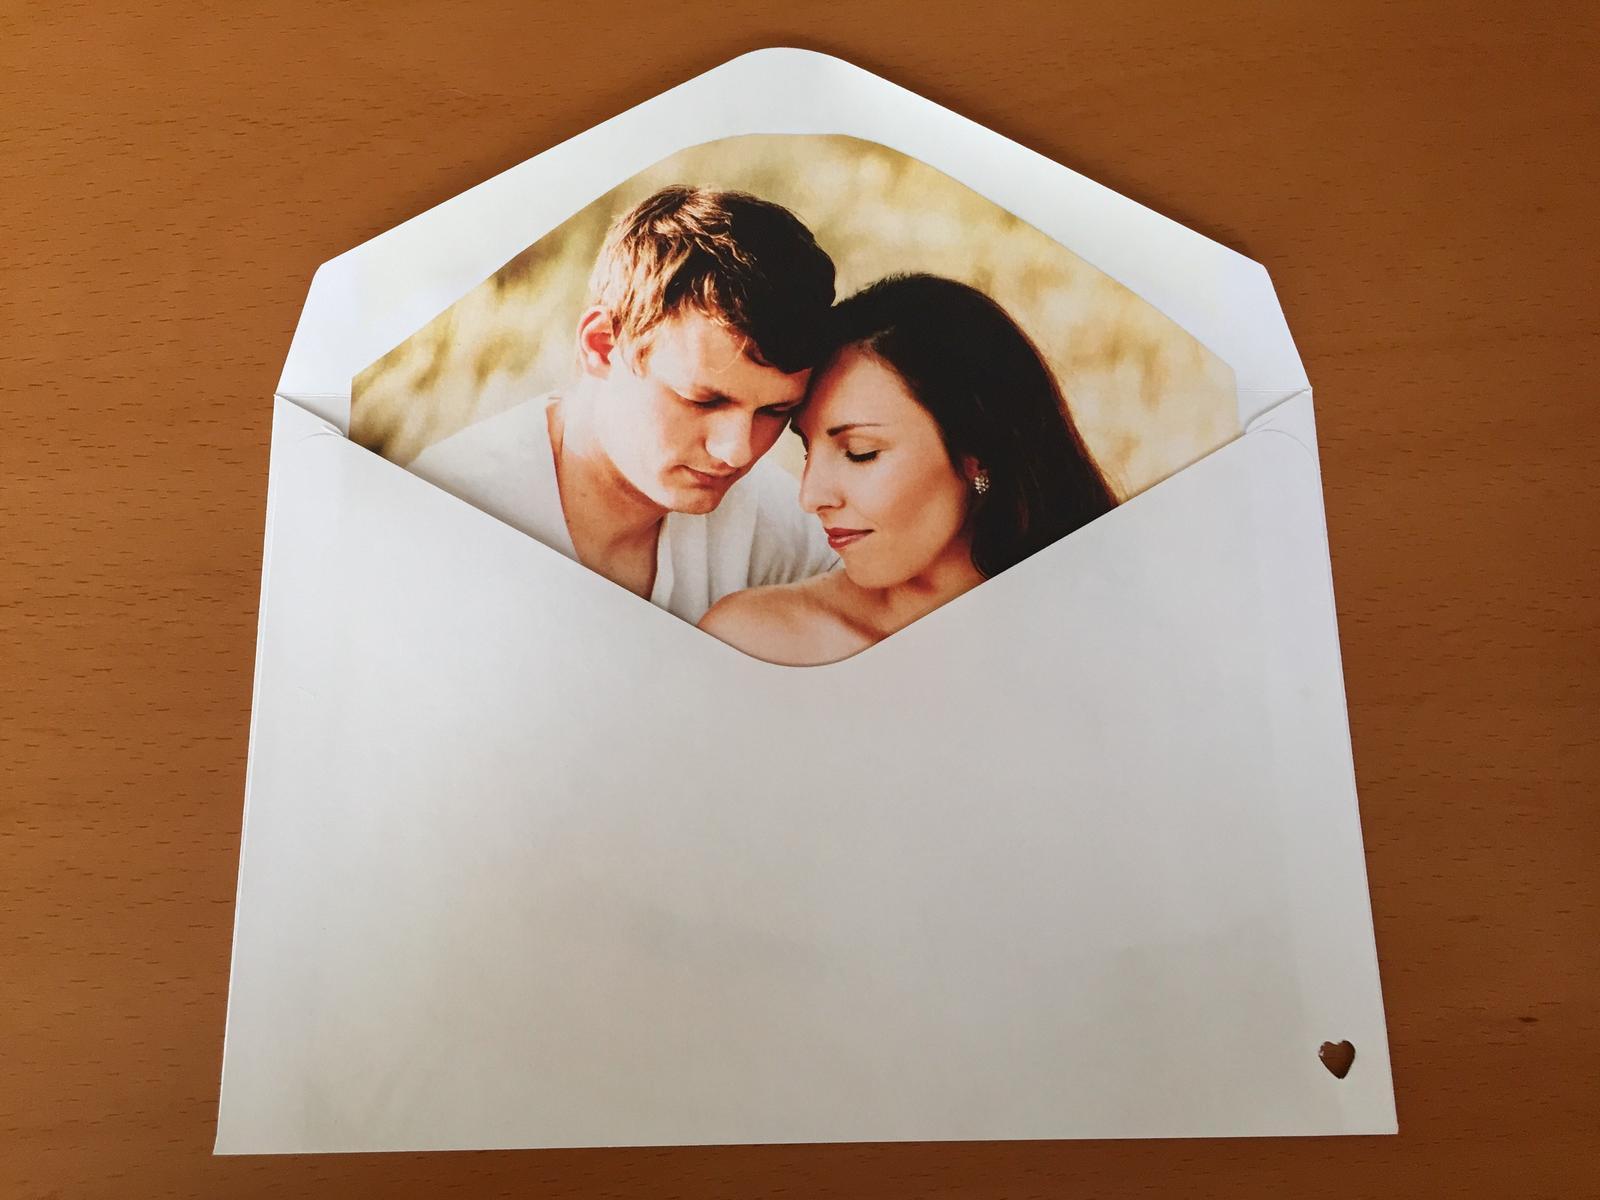 Svadobné prípravy D&R - Vnútorná vložka do obálky s fotkou z predsvadobného rande fotenia.